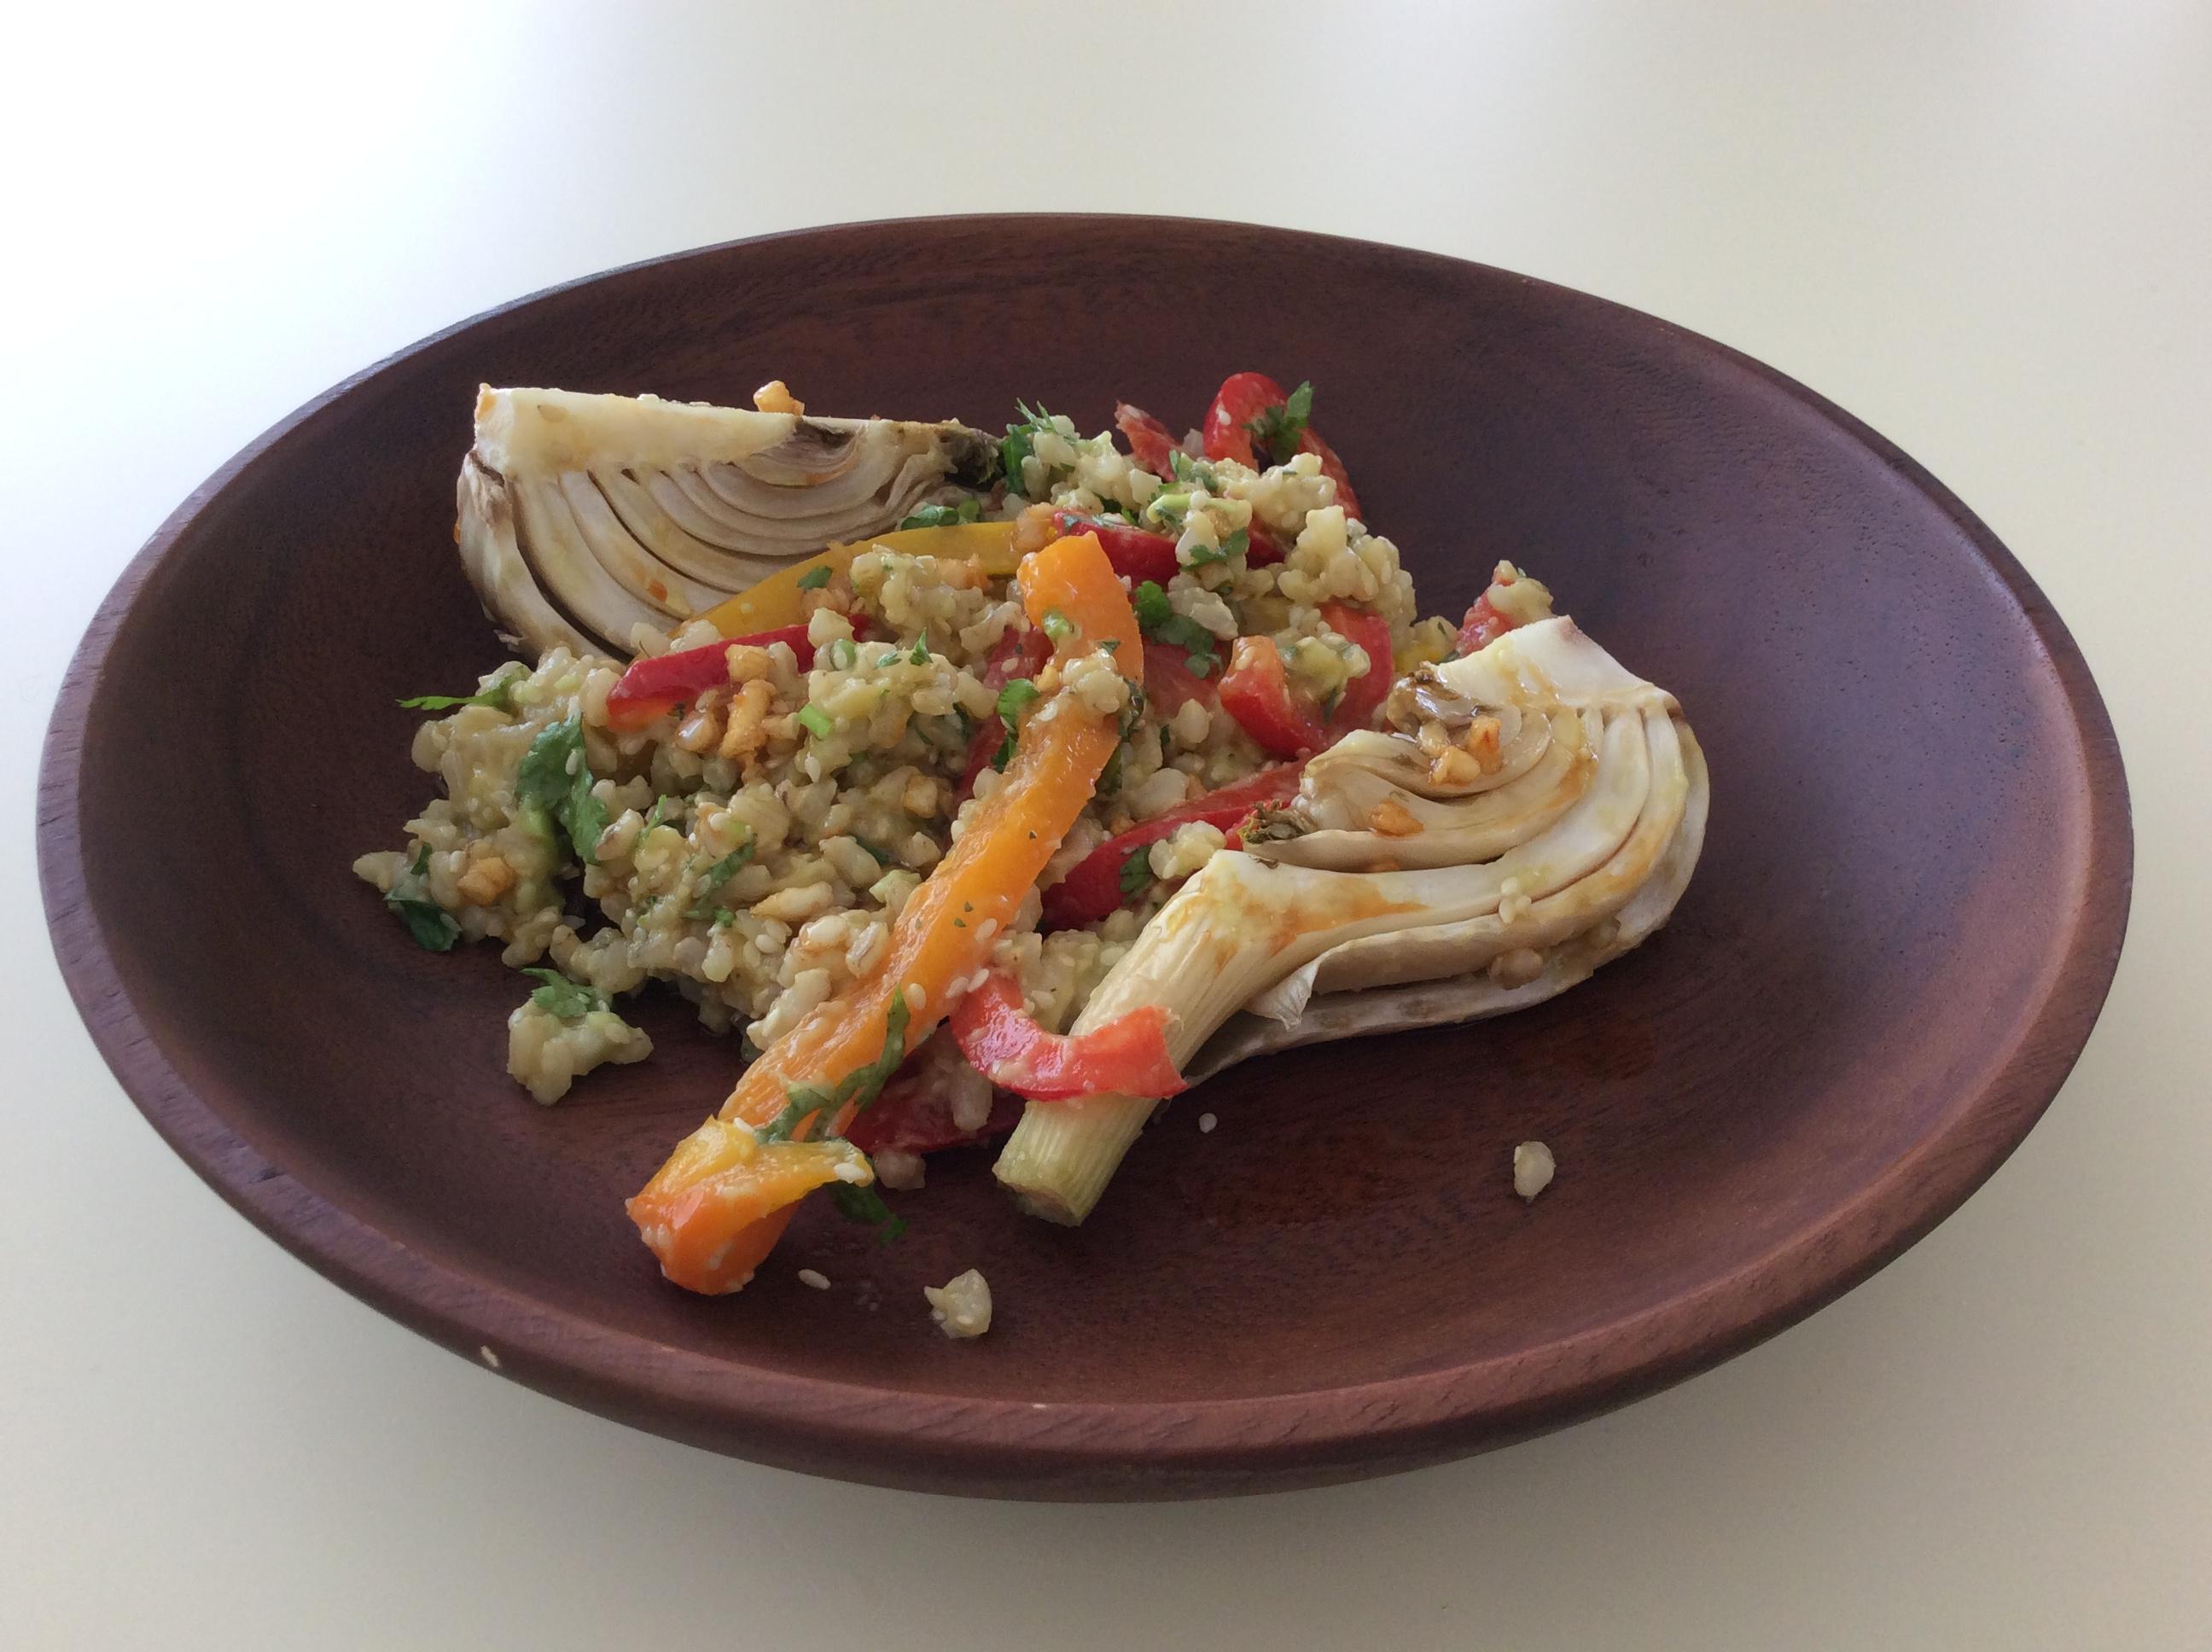 Taça arroz integral com Funcho, sésamo e coentros